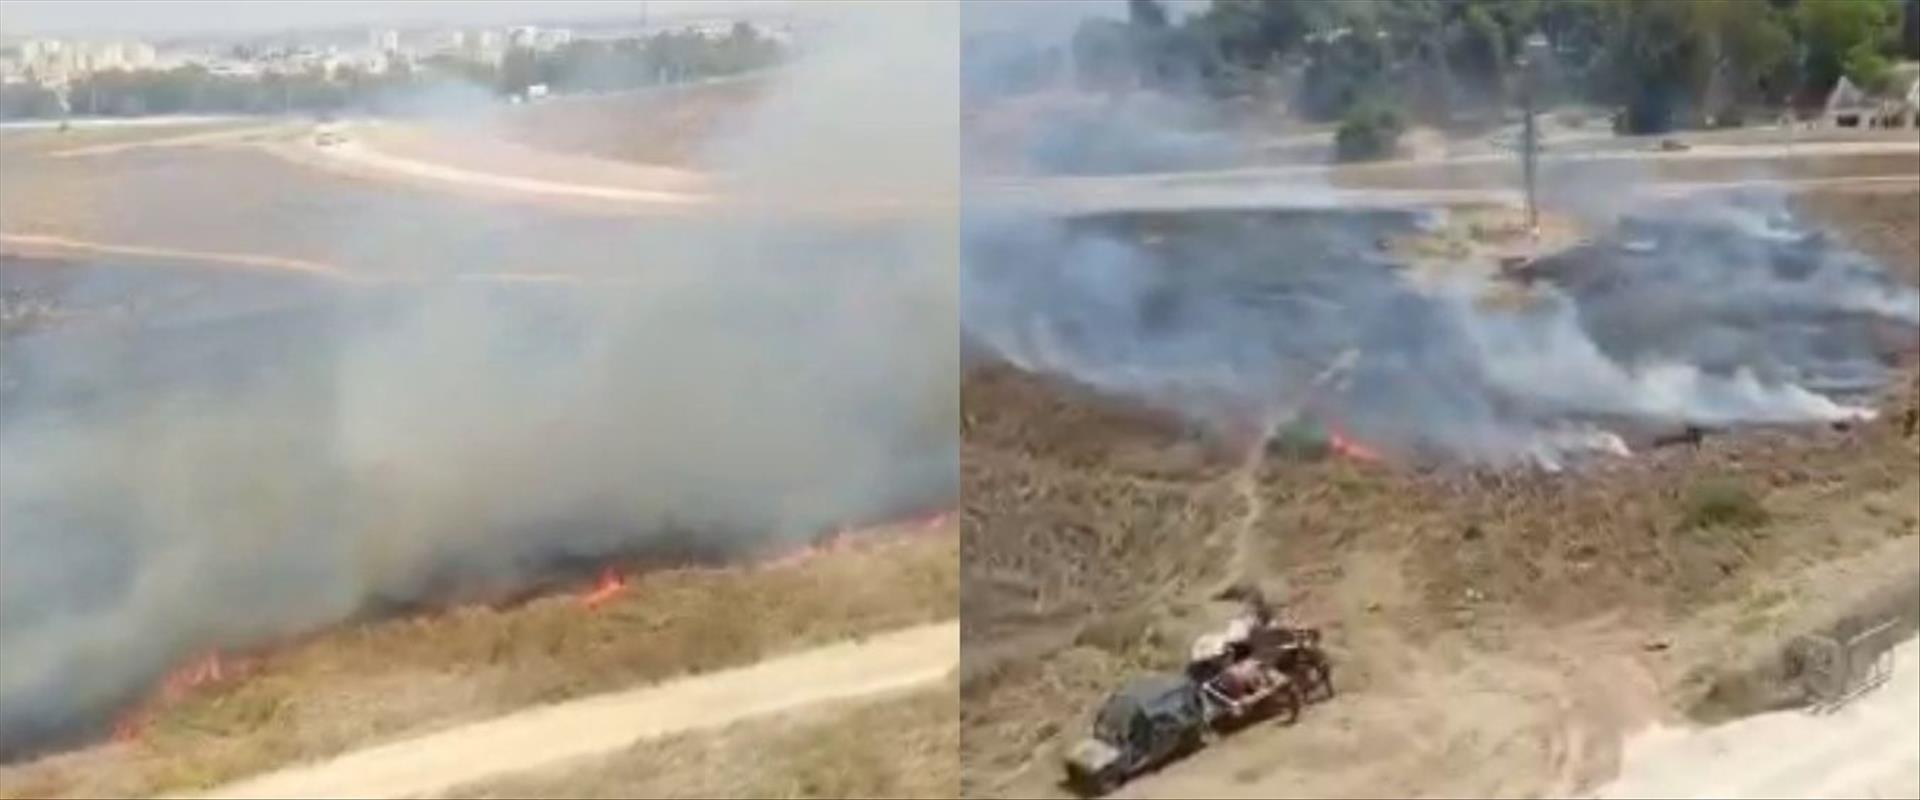 שריפות באזור שער הנגב שבעוטף עזה, היום